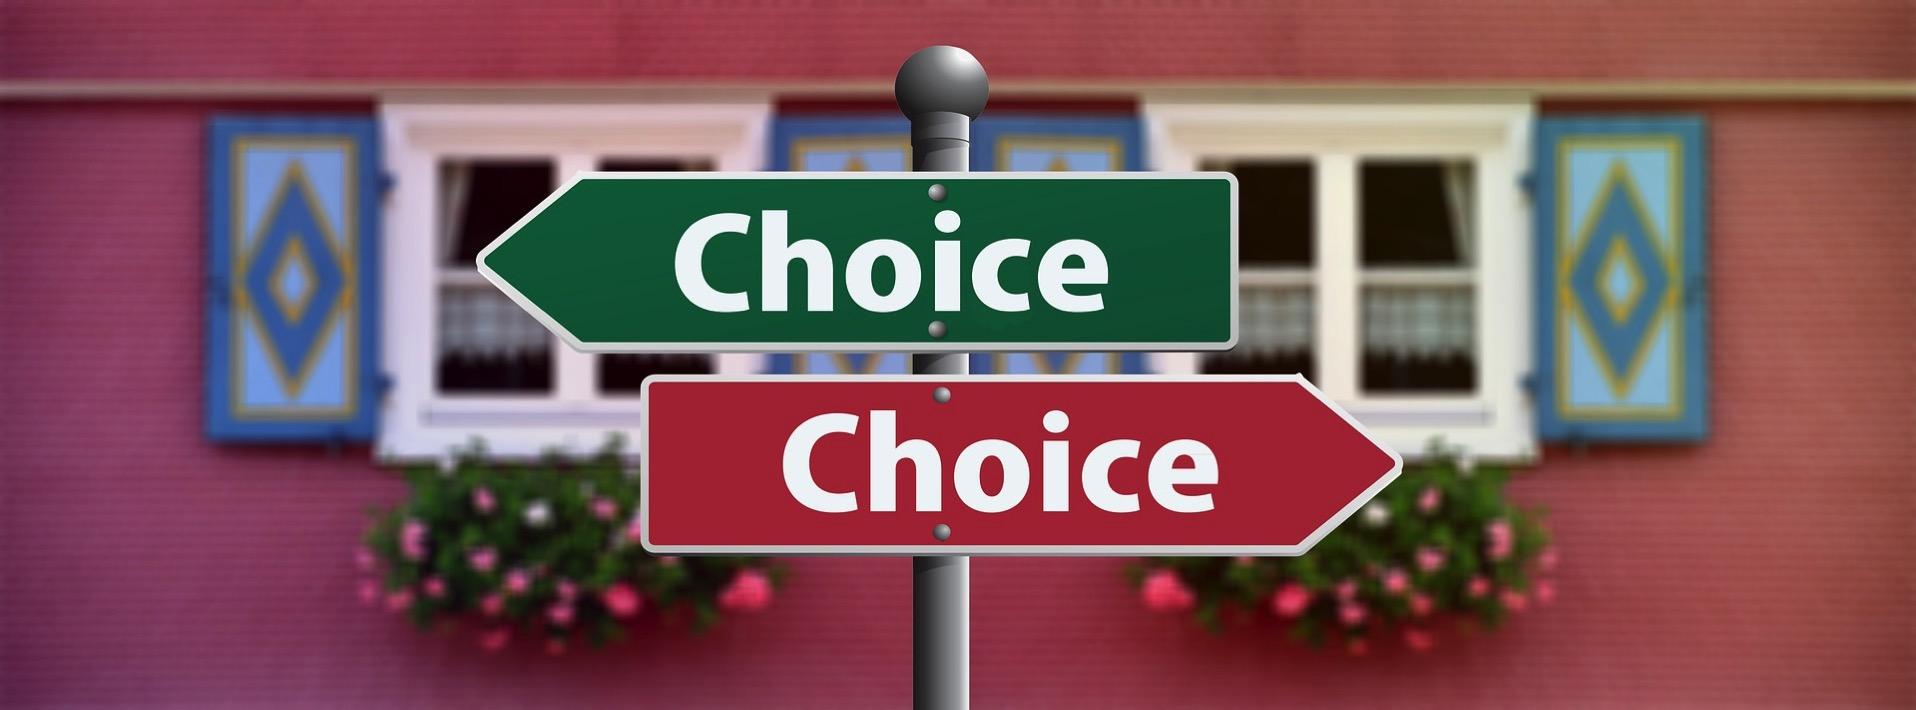 選択 選ぶ チョイス